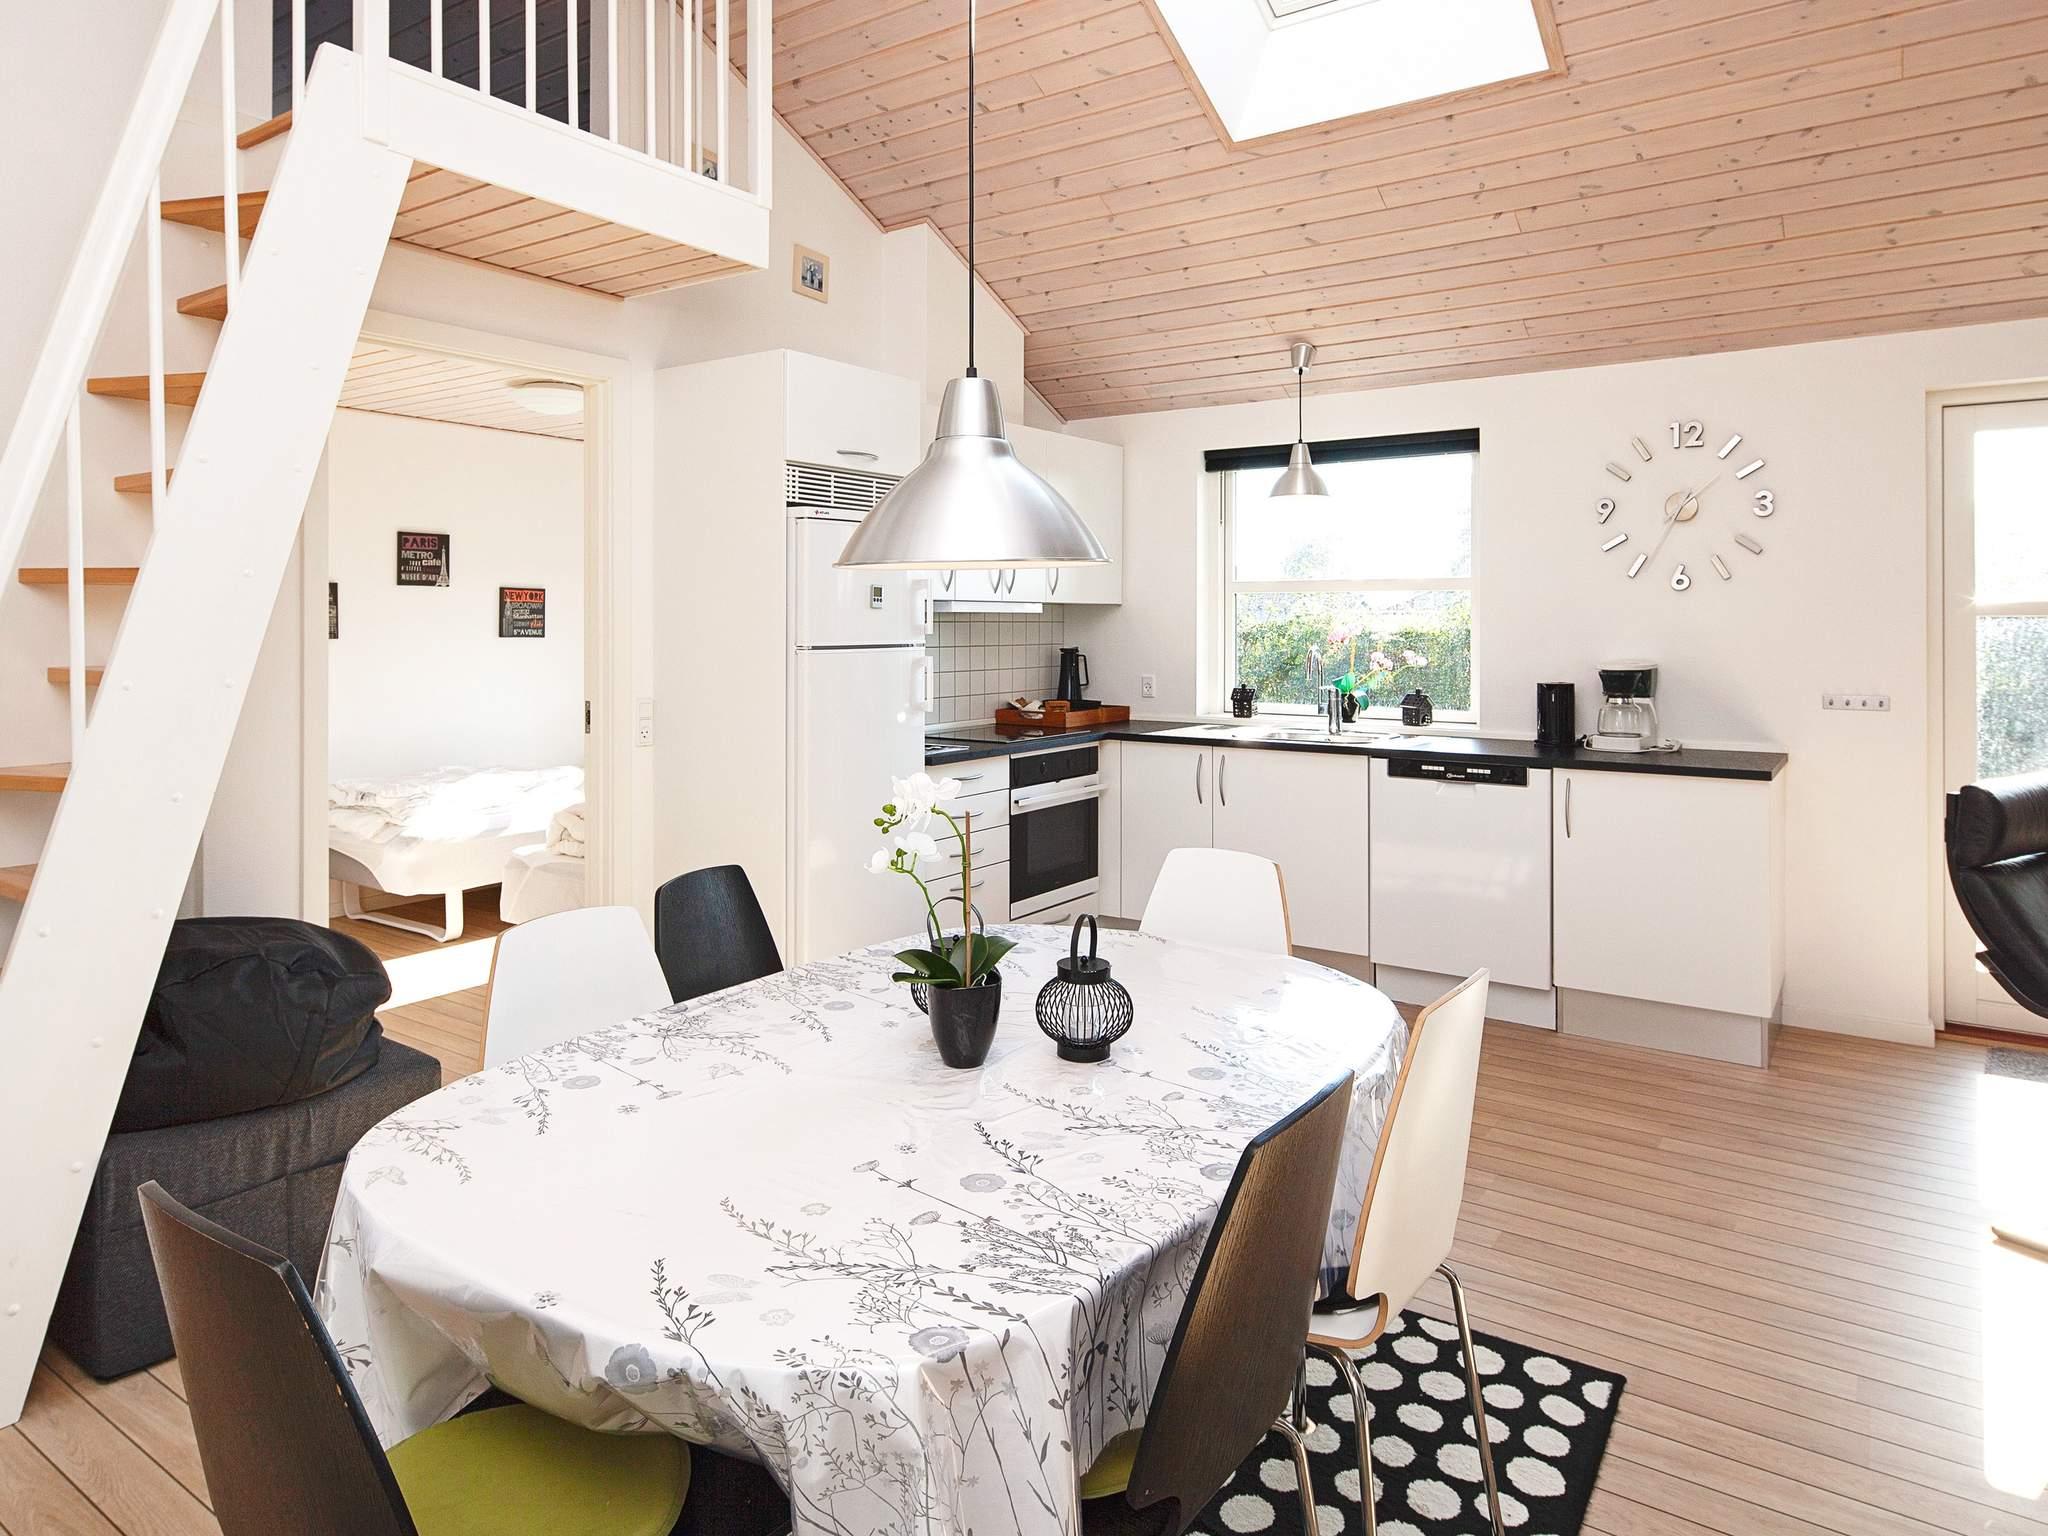 Ferienhaus Enø (2523852), Karrebæksminde, , Südseeland, Dänemark, Bild 5